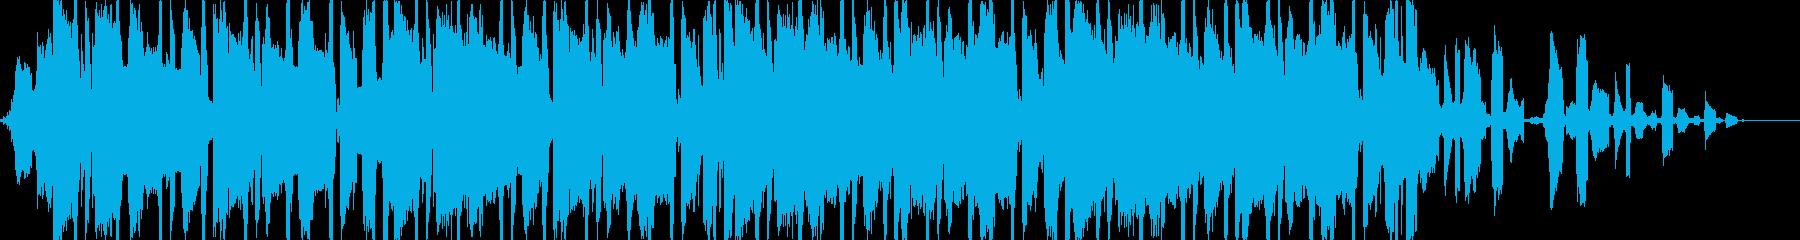 淡々としたクールなヒップホップの再生済みの波形